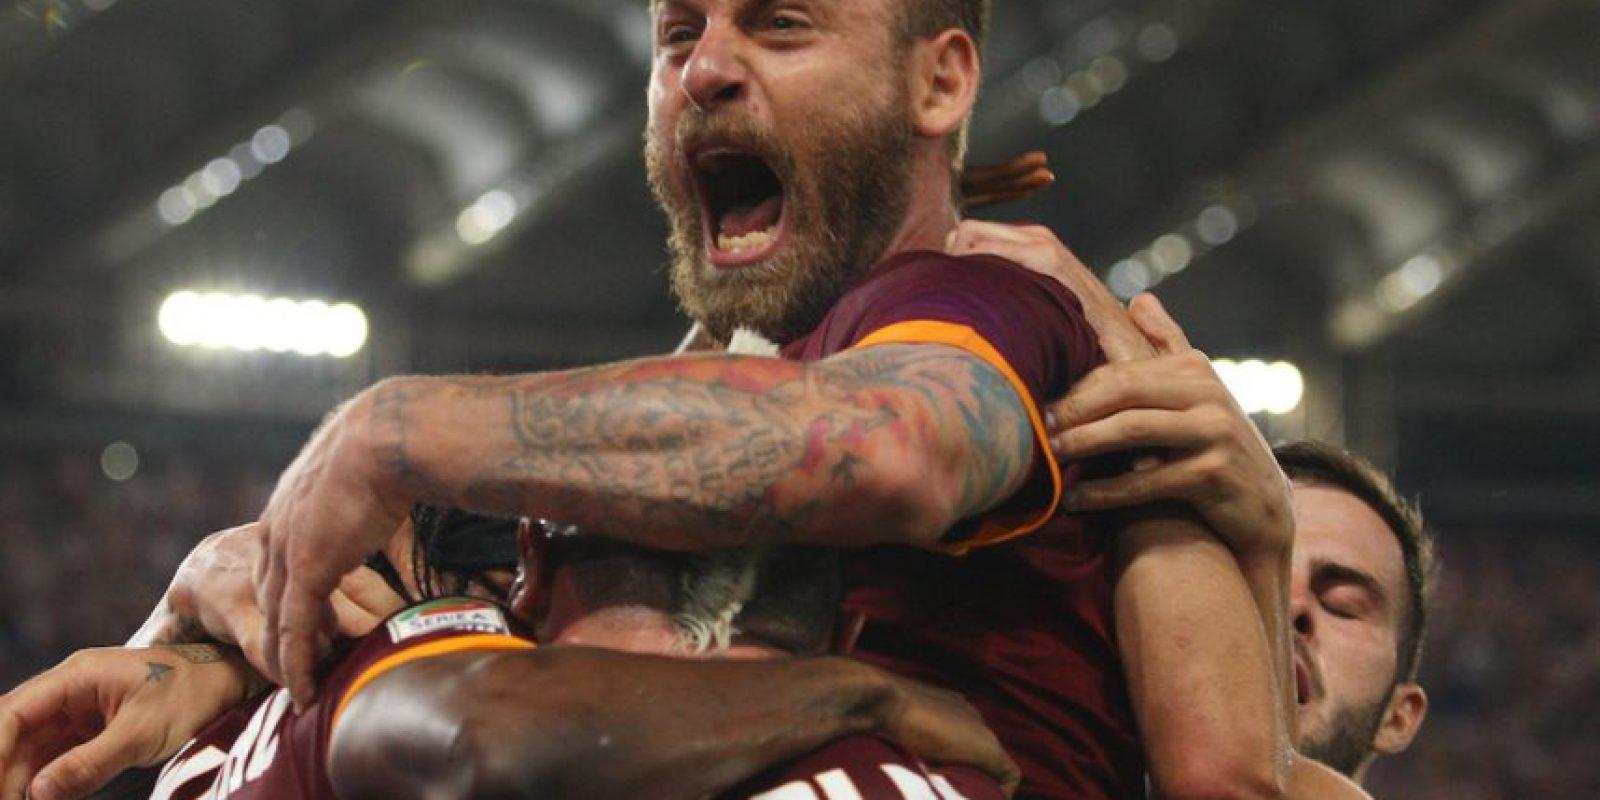 """4. AS Roma / El club italiano lanzó una propuesta para crear un programa denominado """"Football Cares"""", en el cual los clubes y los aficionados puedan hacer donativos para multiplica la recaudación de fondos en apoyo a los refugiados. Foto:Getty Images"""